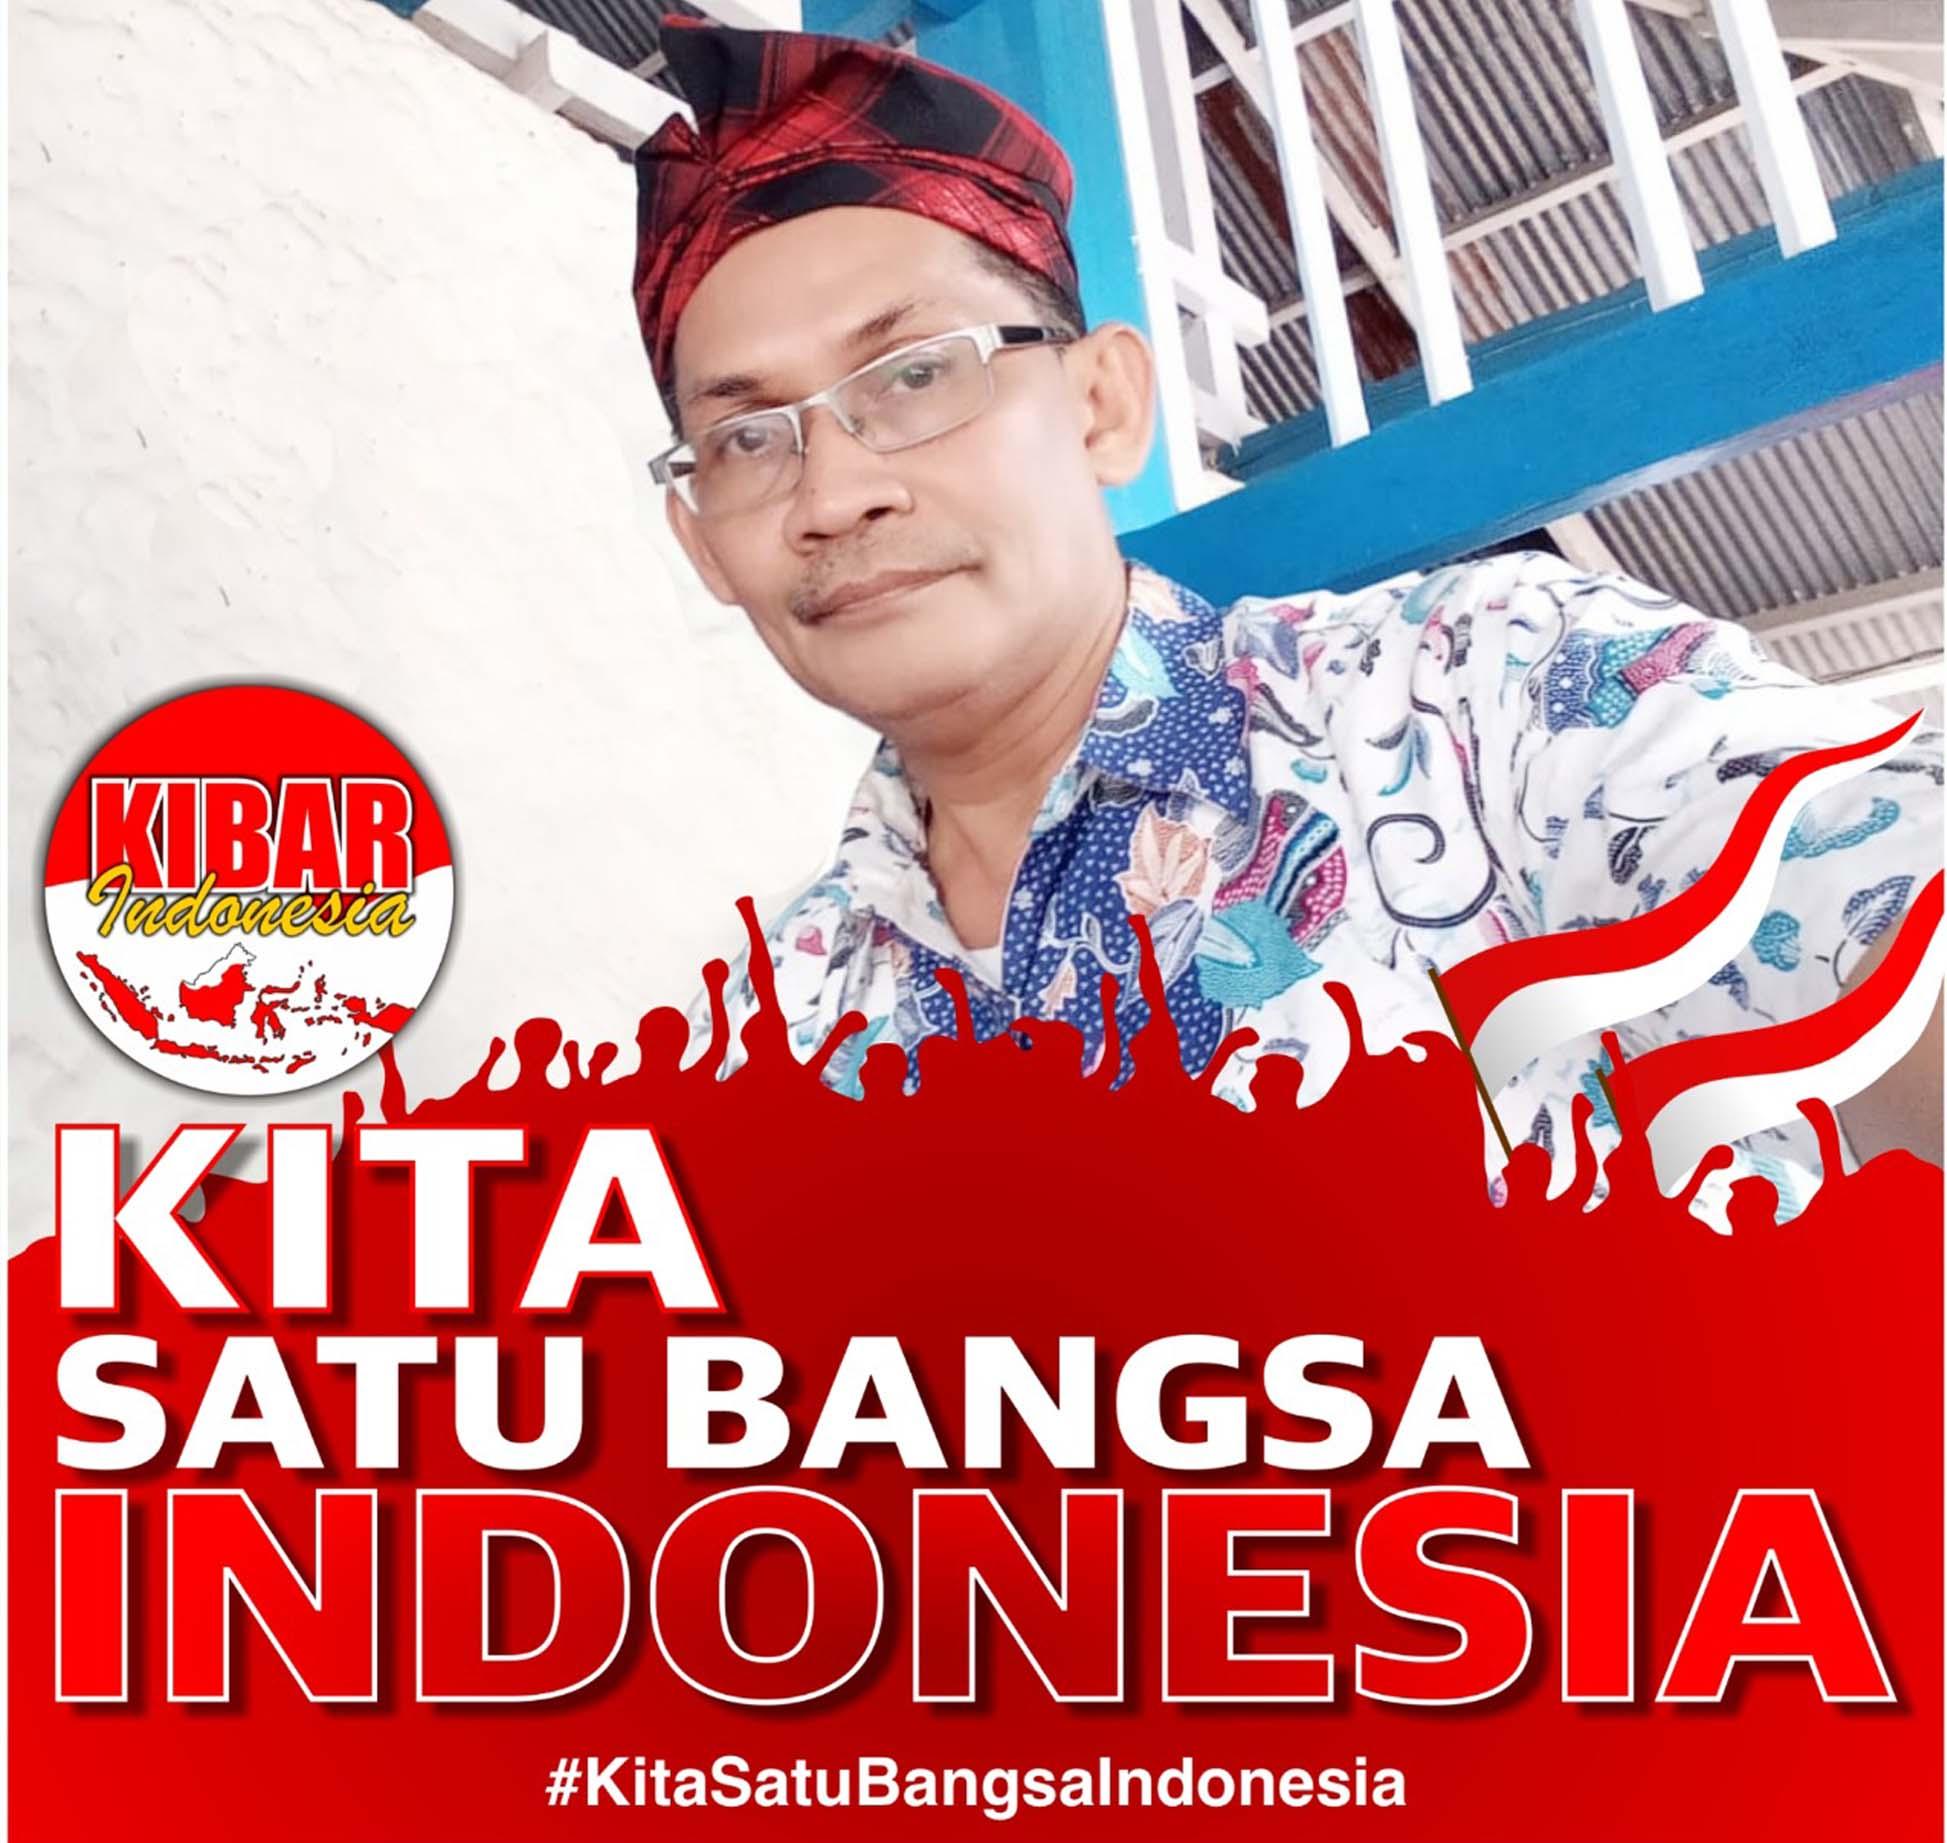 KIBAR INDONESIA: SIRKULASI KEPEMIMPINAN PENTING UNTUK KEMAJUAN BANGSA